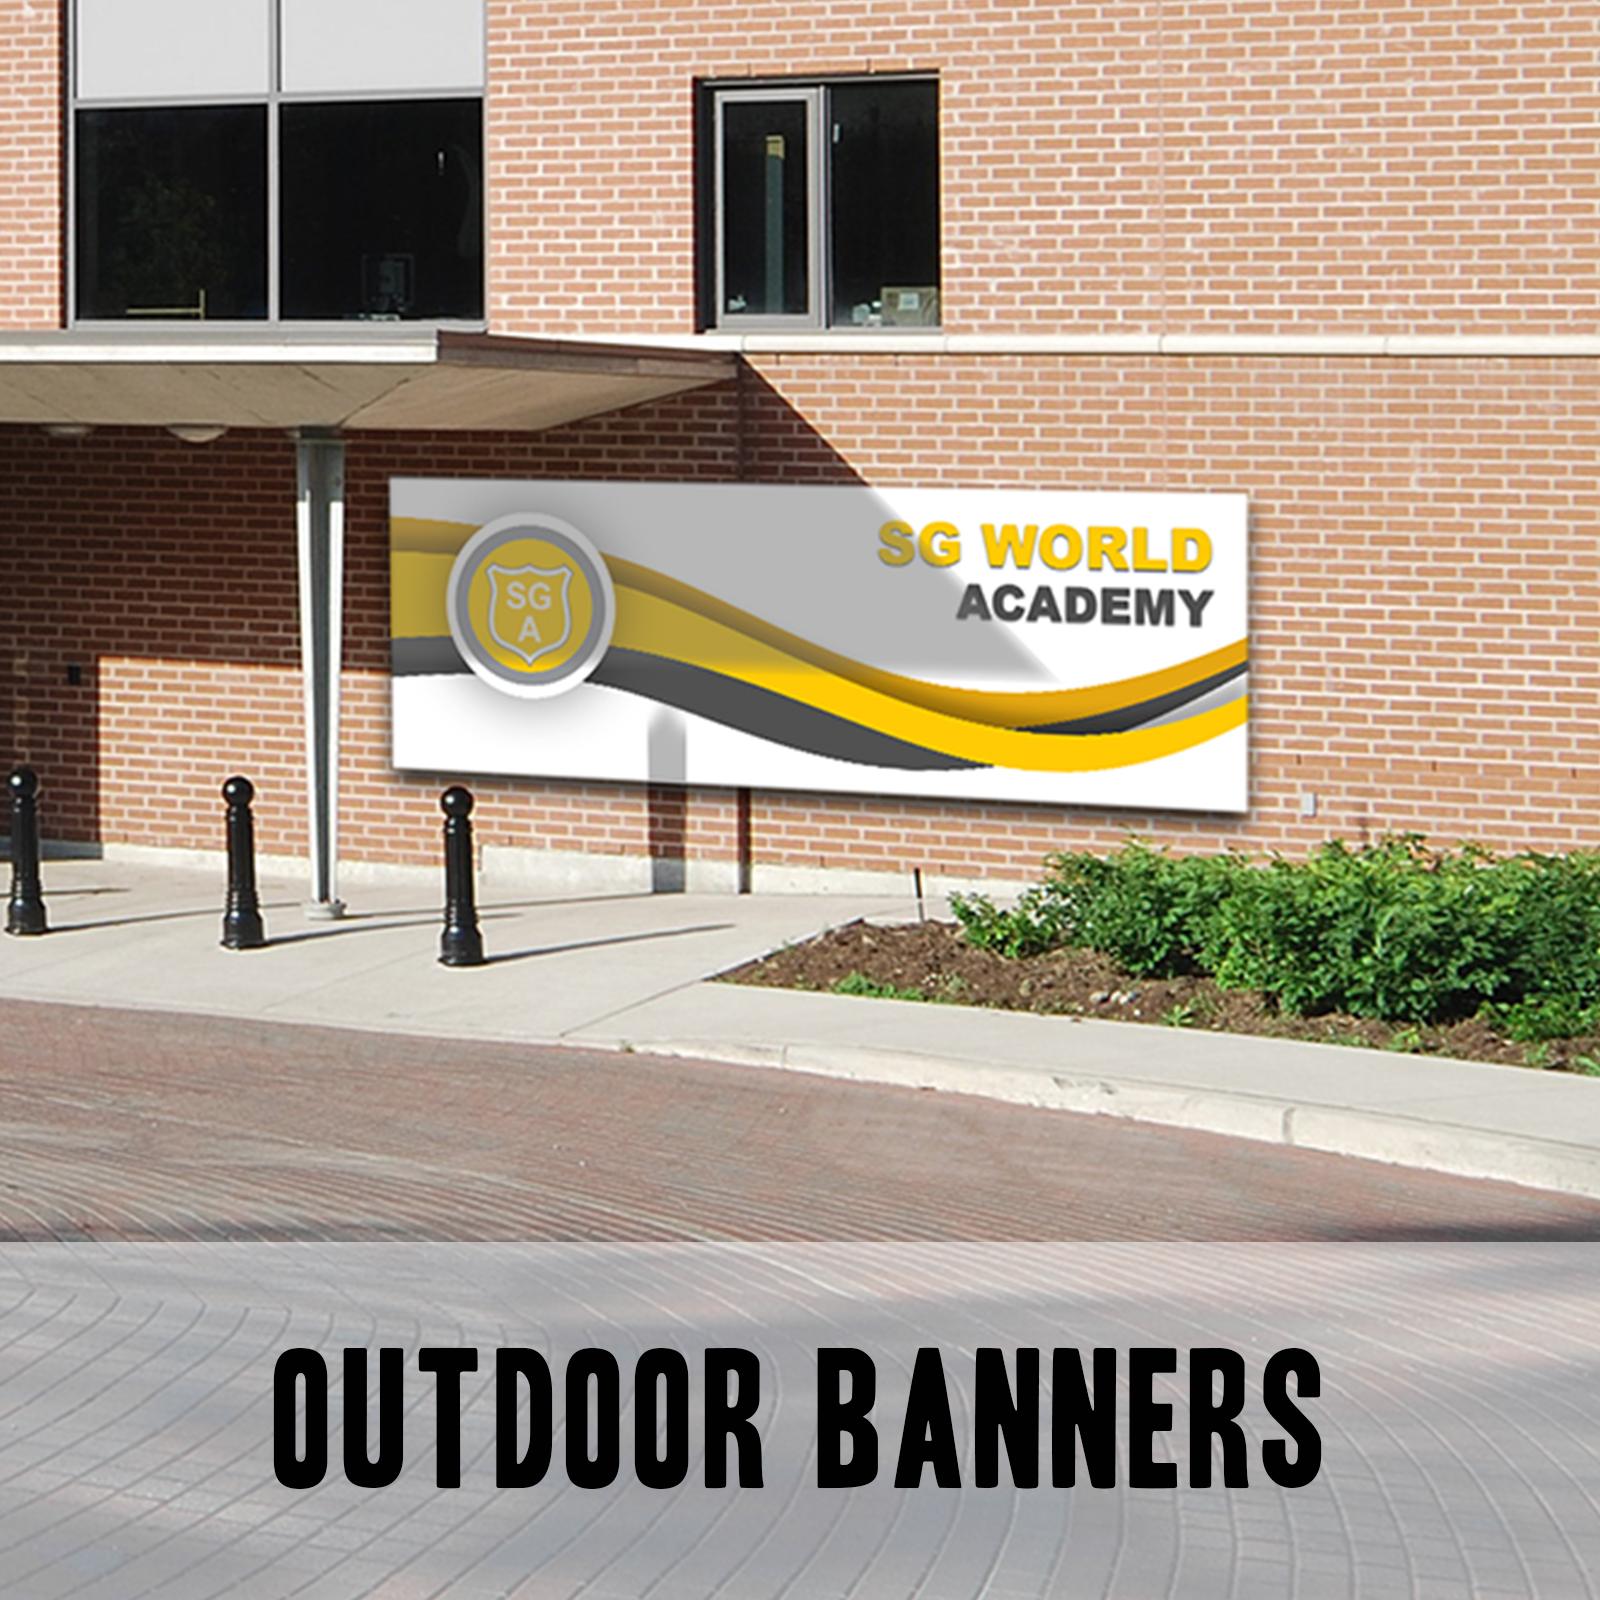 Outdoor Banners - JPEG - final.jpg